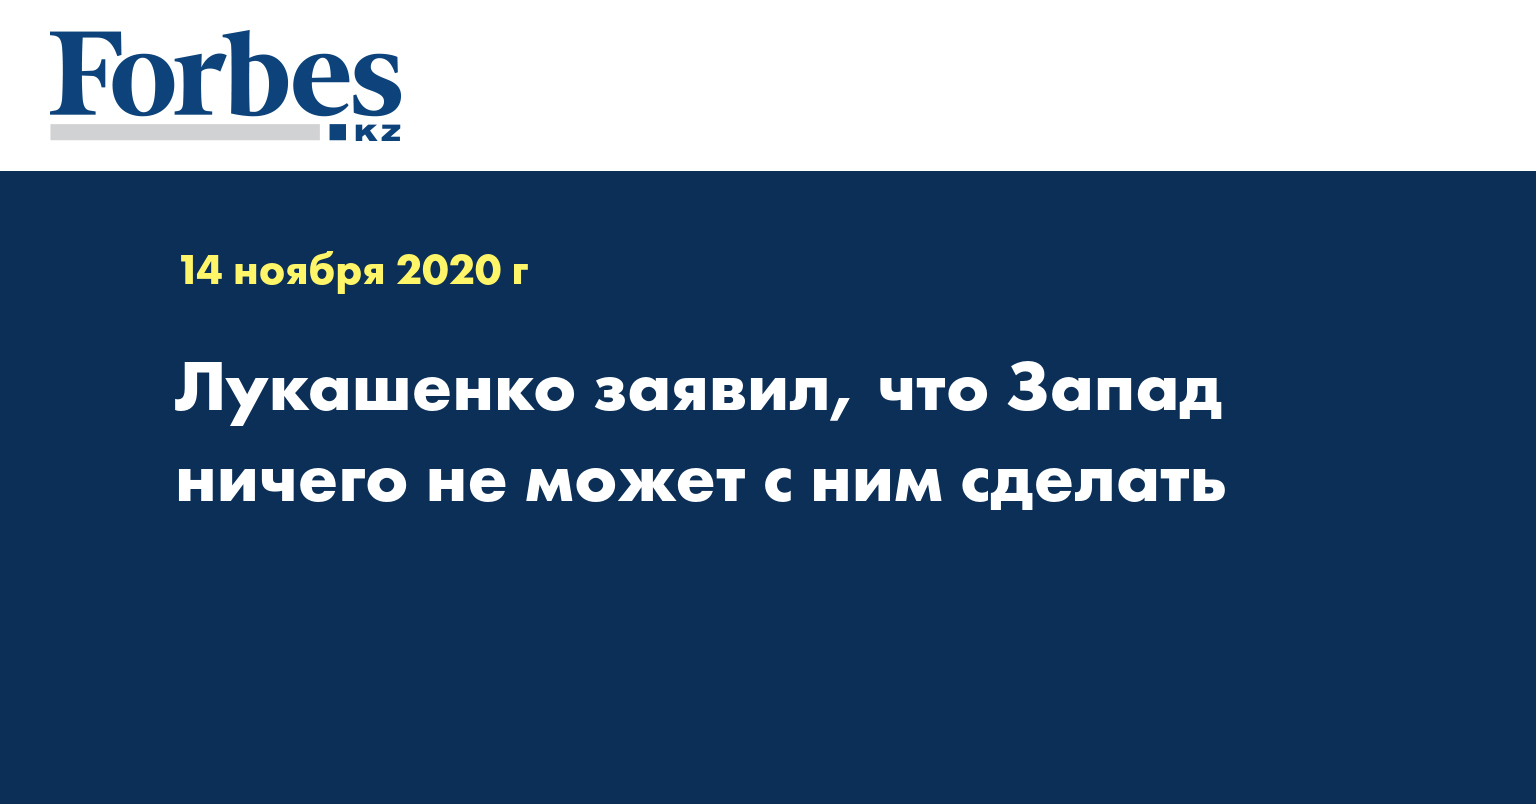 Лукашенко заявил, что Запад ничего не может с ним сделать